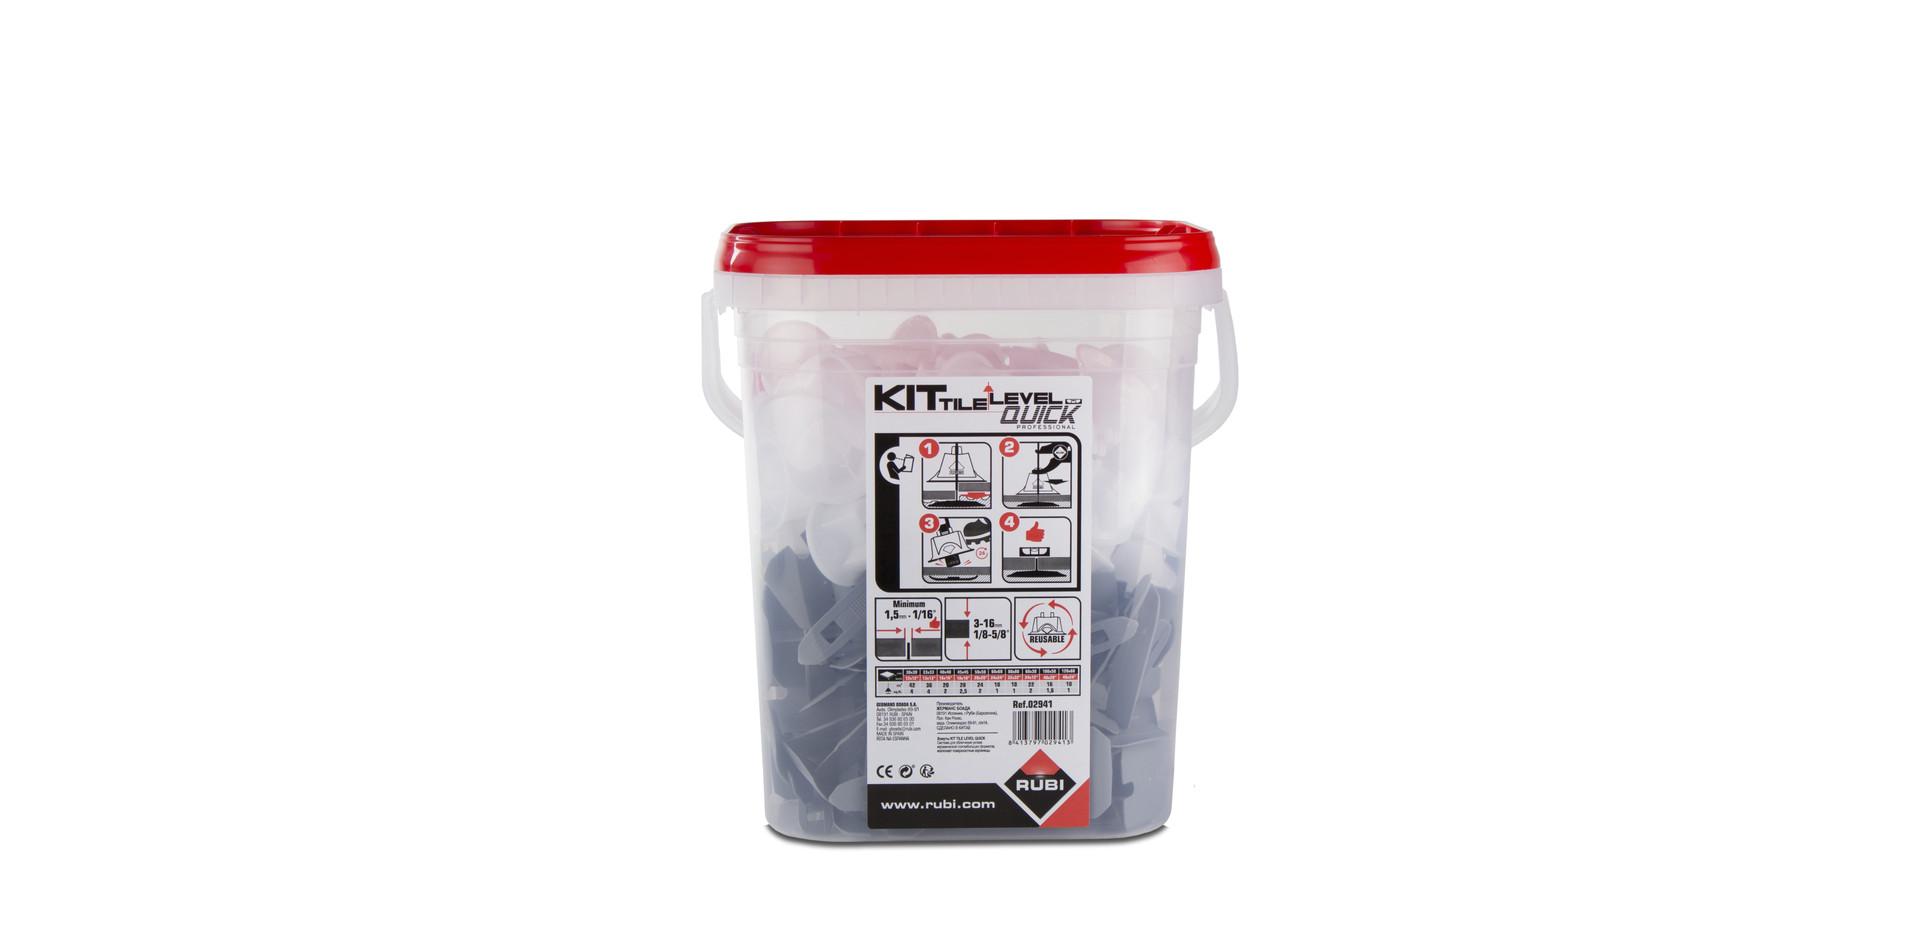 2941-kit-tile-level-quick-2-p-rubi.jpg